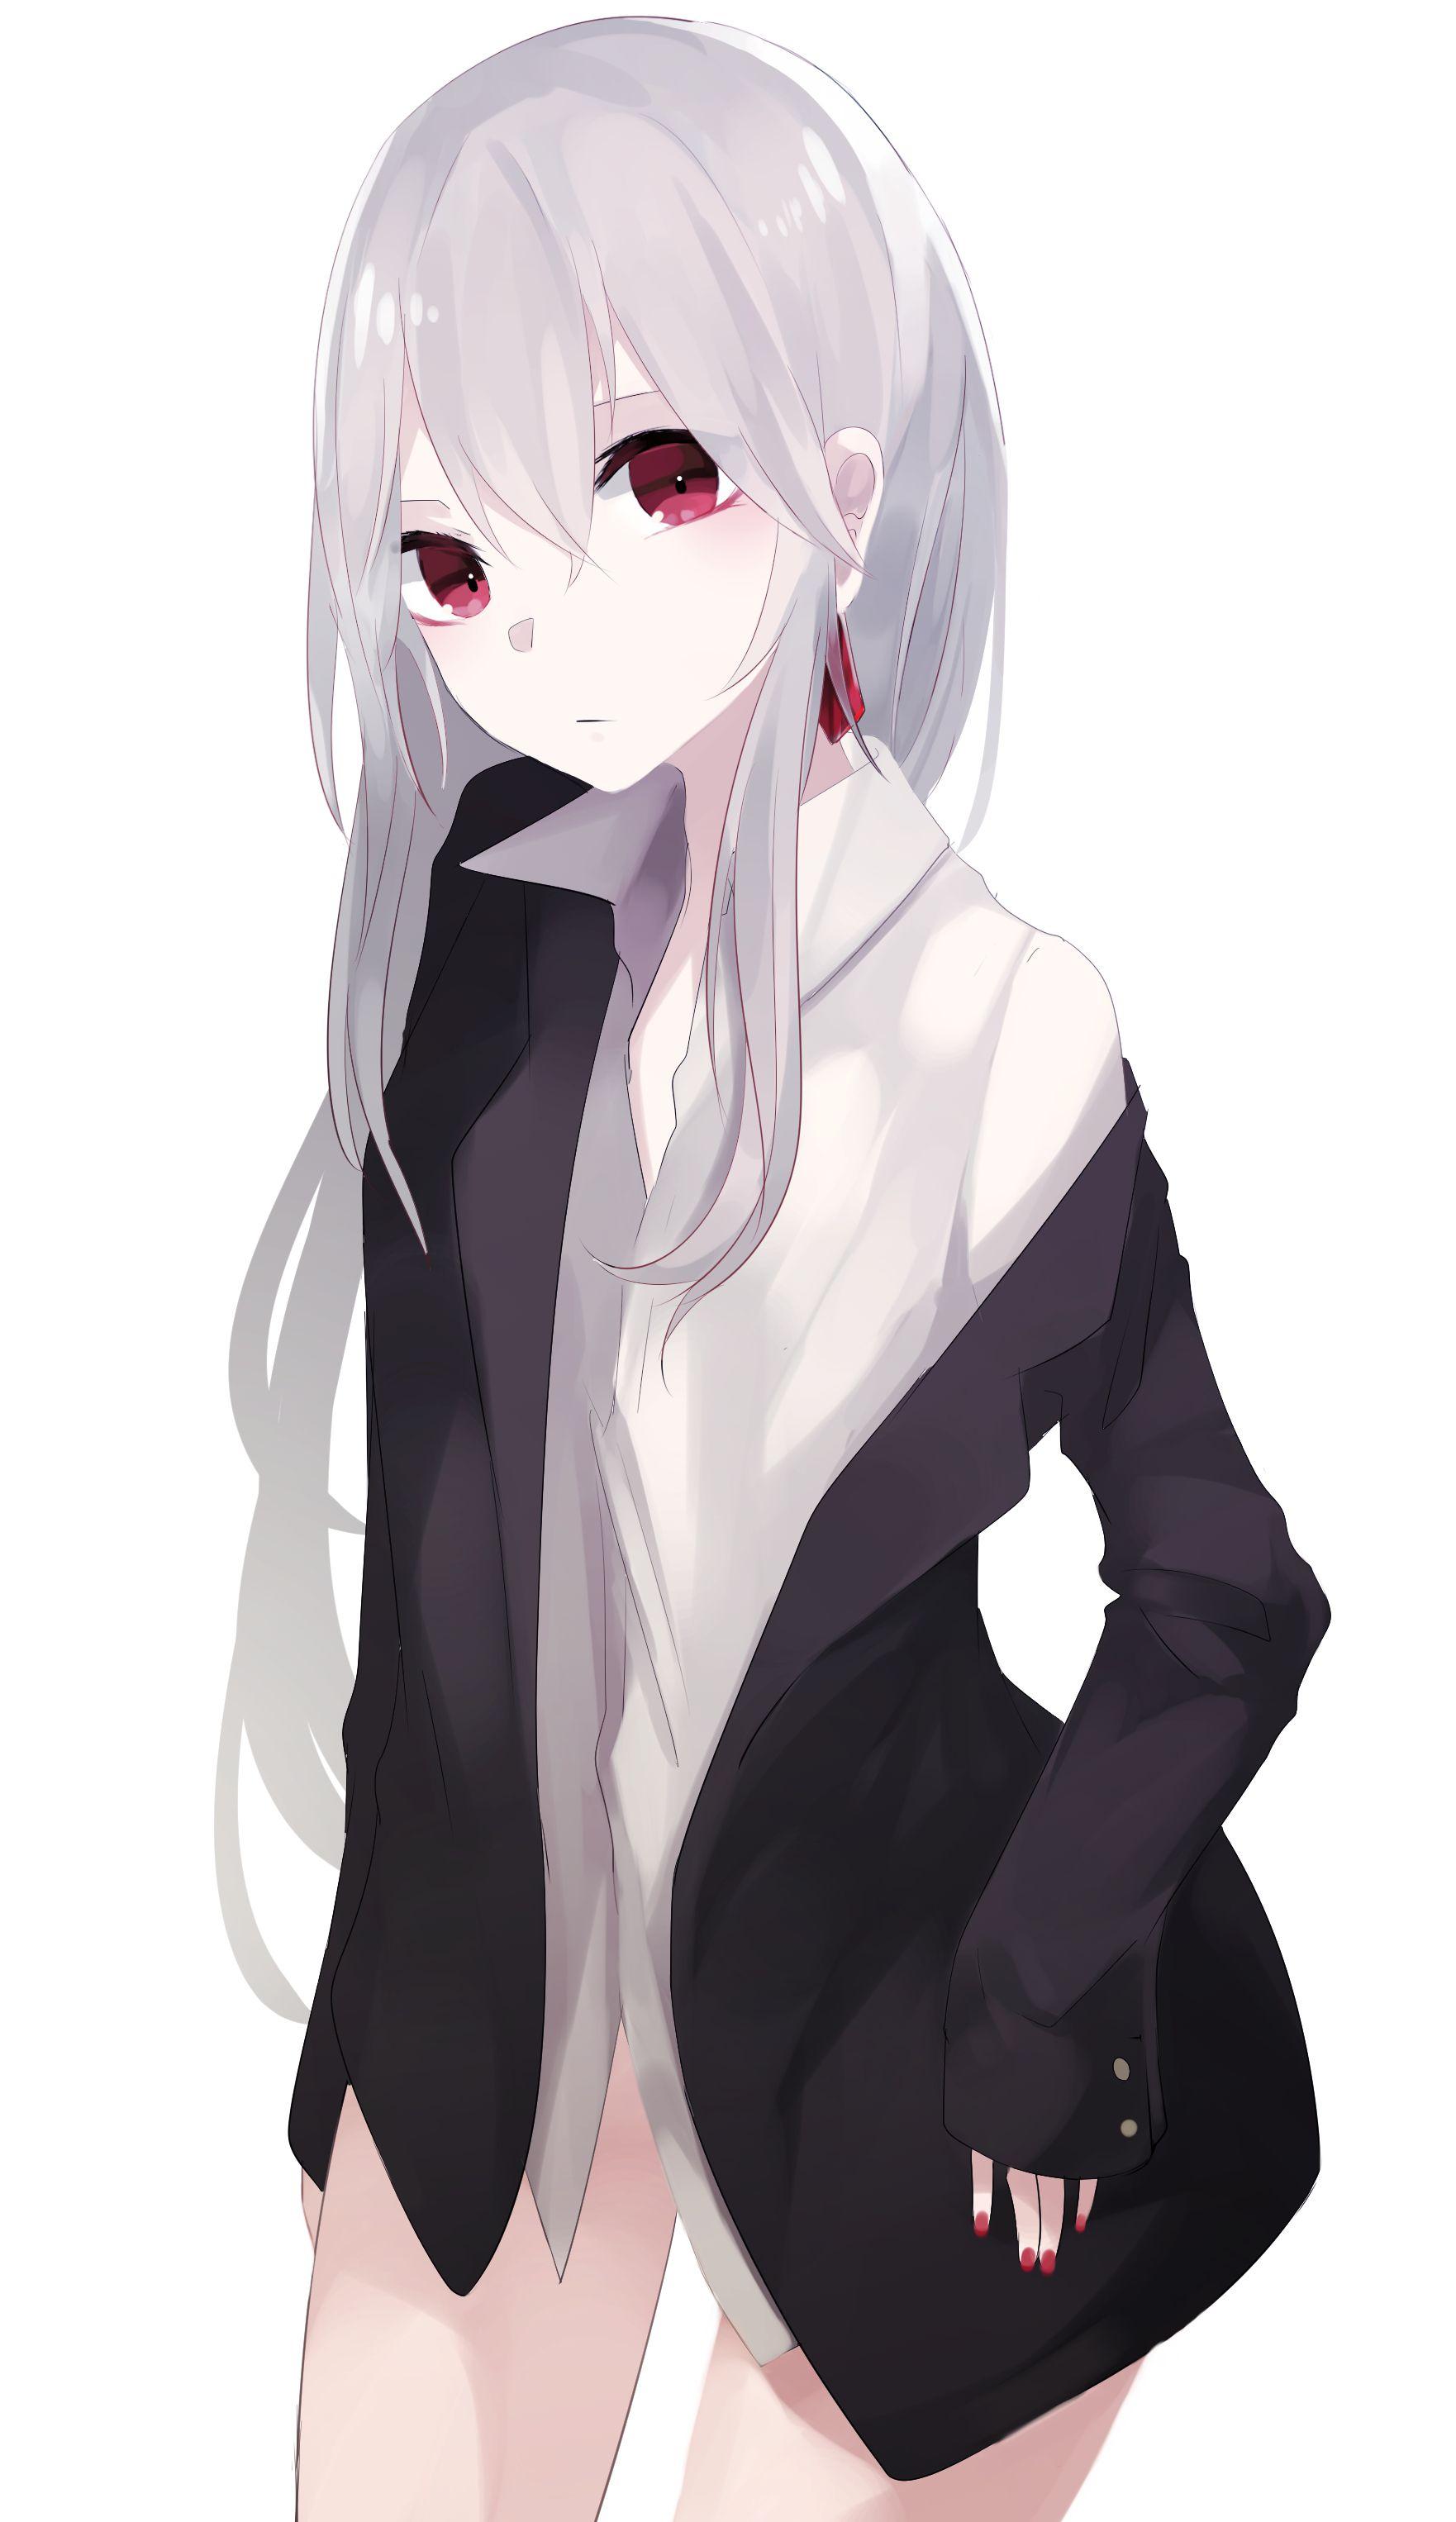 Pin on Kawaii anime girl